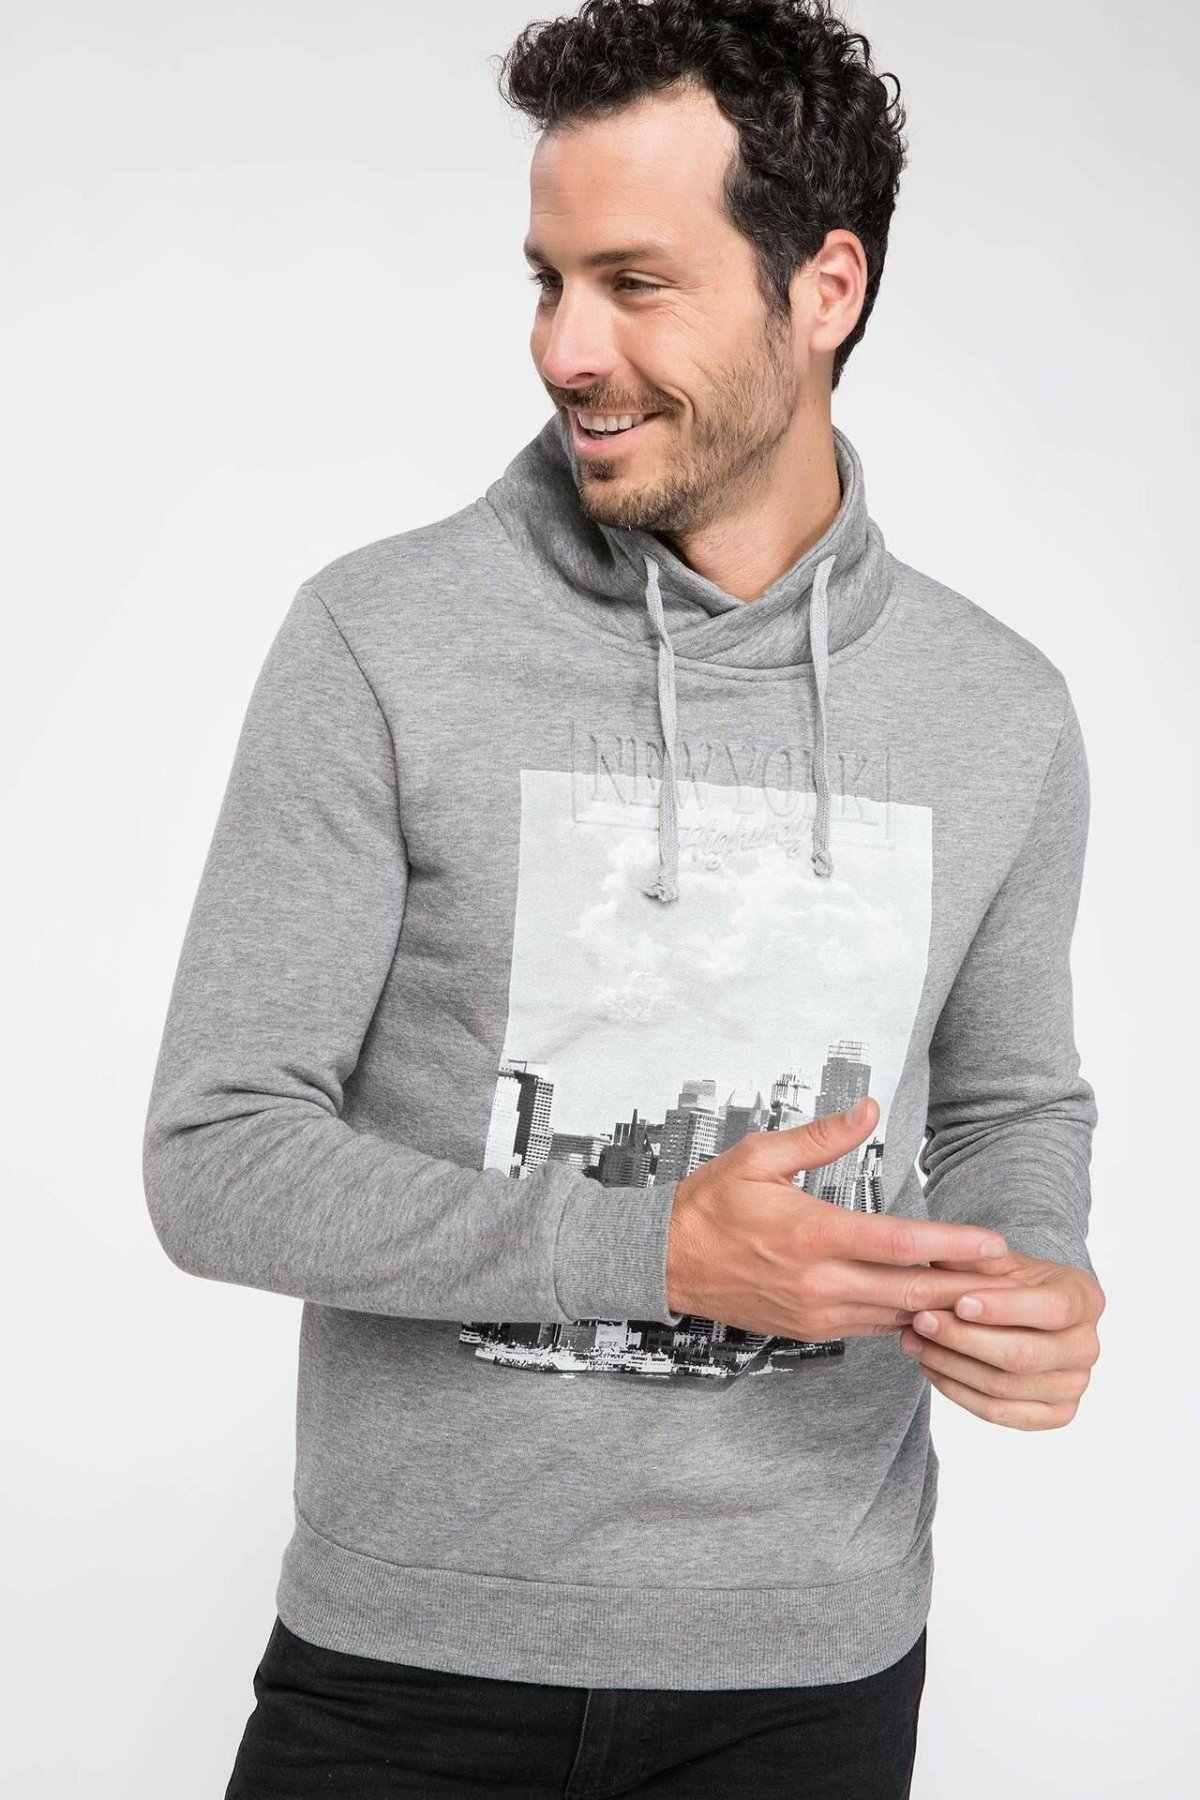 DeFacto 남자 회색 인쇄 패턴 스웨터 가을 패션 긴 소매 스탠드 칼라 캐주얼 루스 풀오버 남성-1673AZ18CW